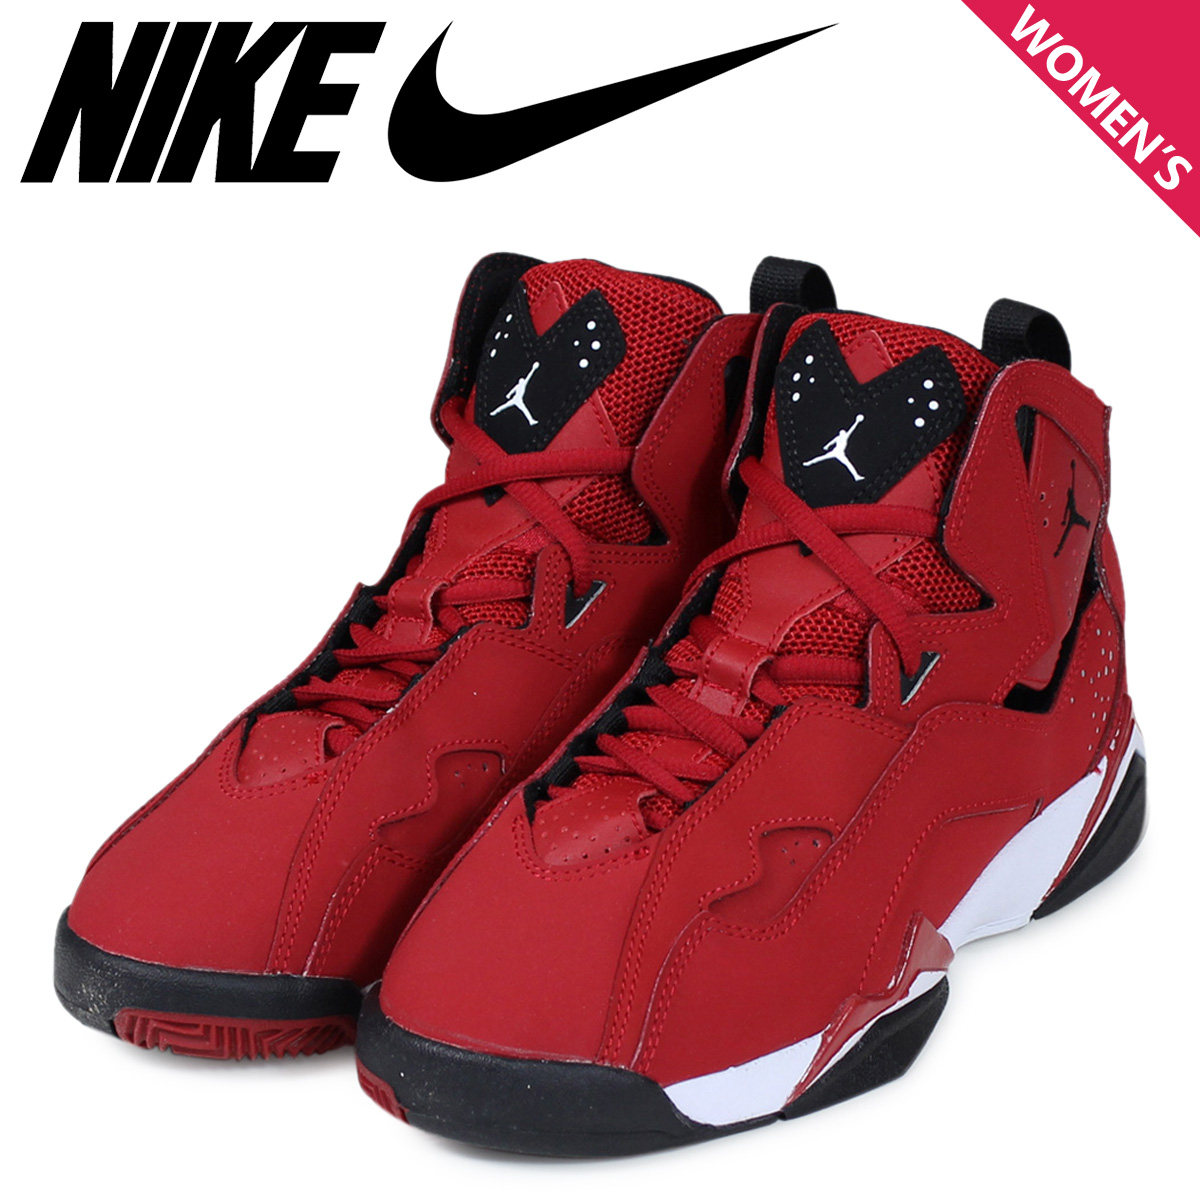 9ad453428478 ALLSPORTS  Nike NIKE Air Jordan Lady s sneakers JORDAN TRUE FLIGHT GS Air  Jordan 343